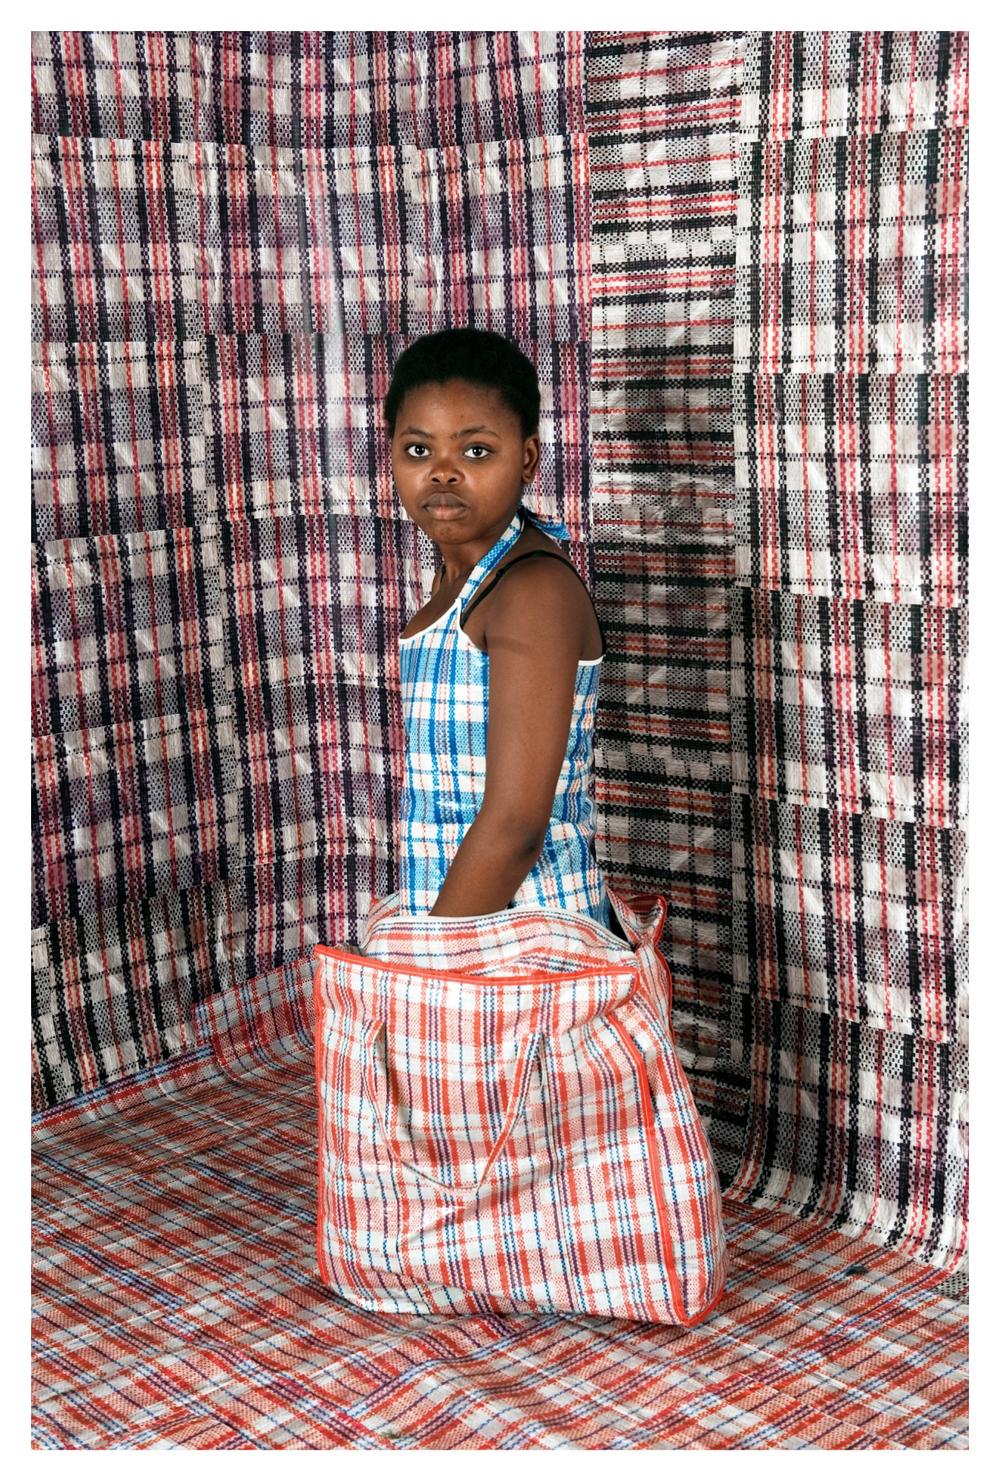 Nobukho Nqaba (Untitled7) Umaskhenkethe Likhaya Lam_2012.jpg